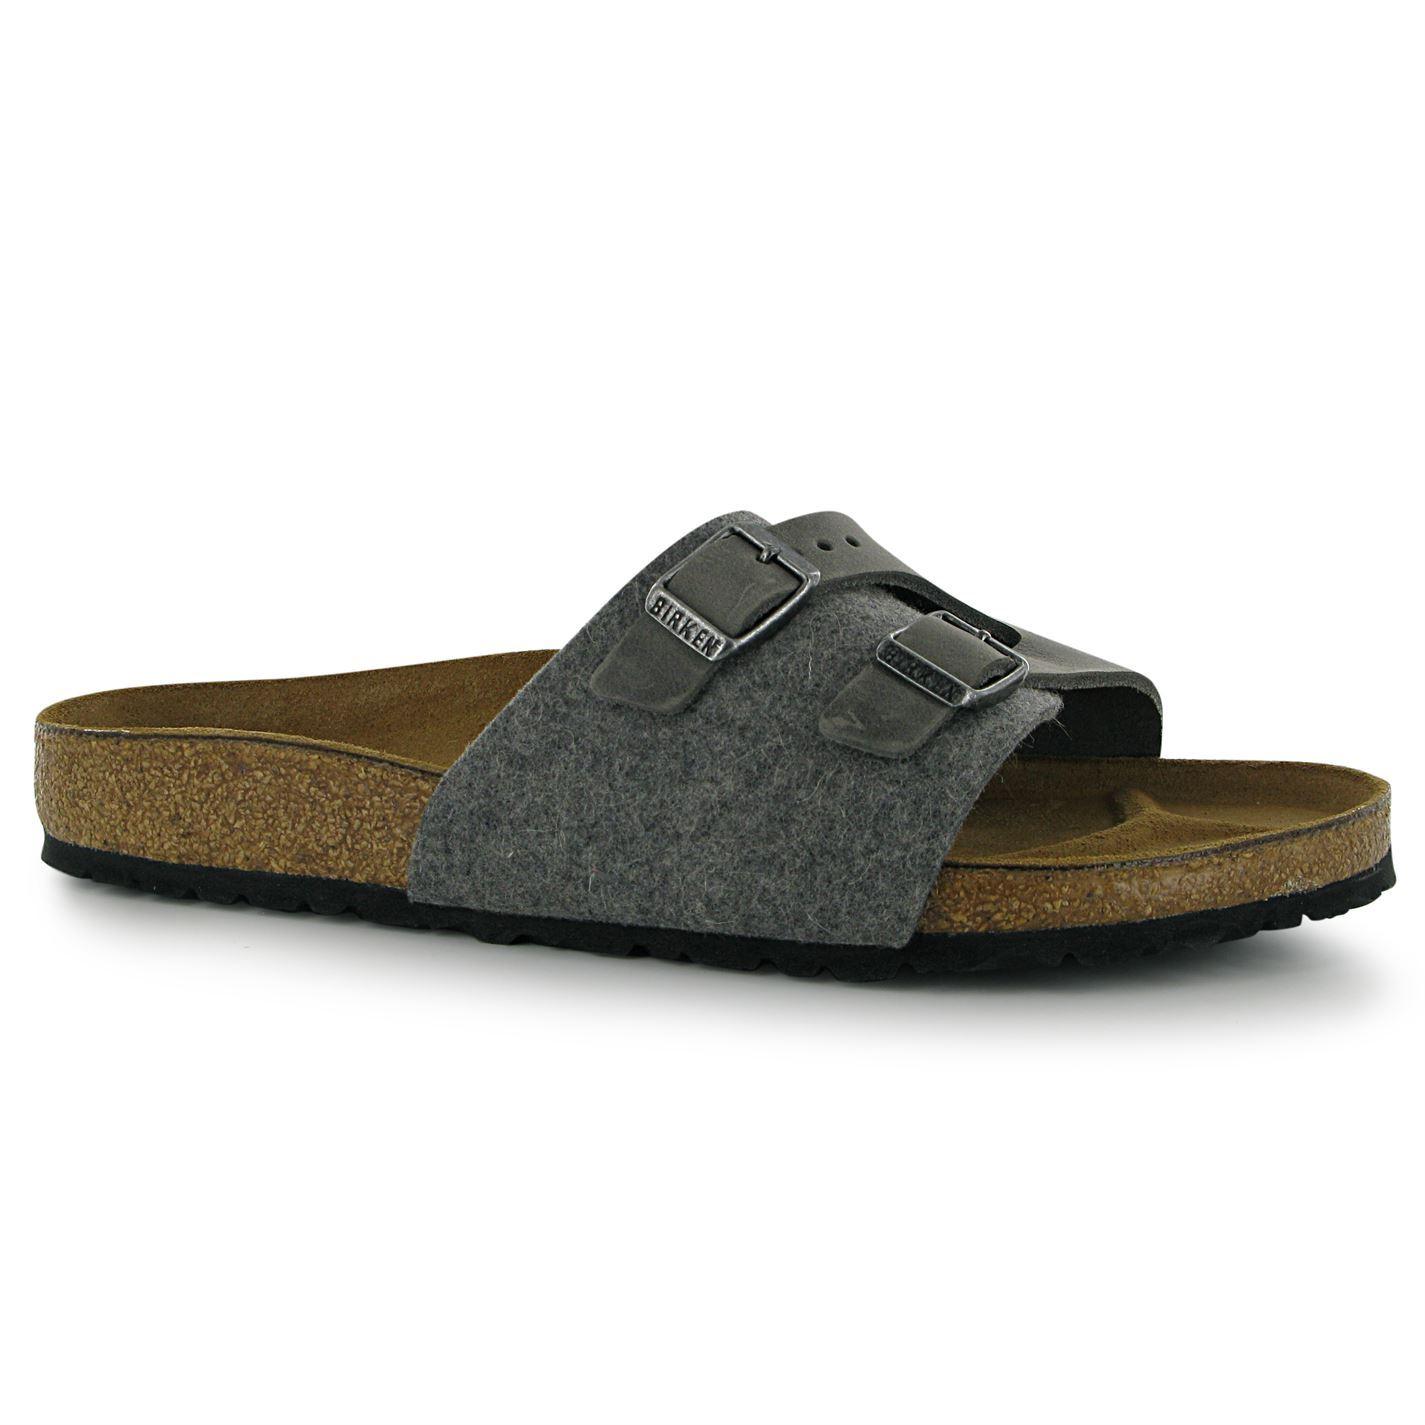 BIRKENSTOCK VADUZ MENS SANDALS Flip flops Summer Casual ...